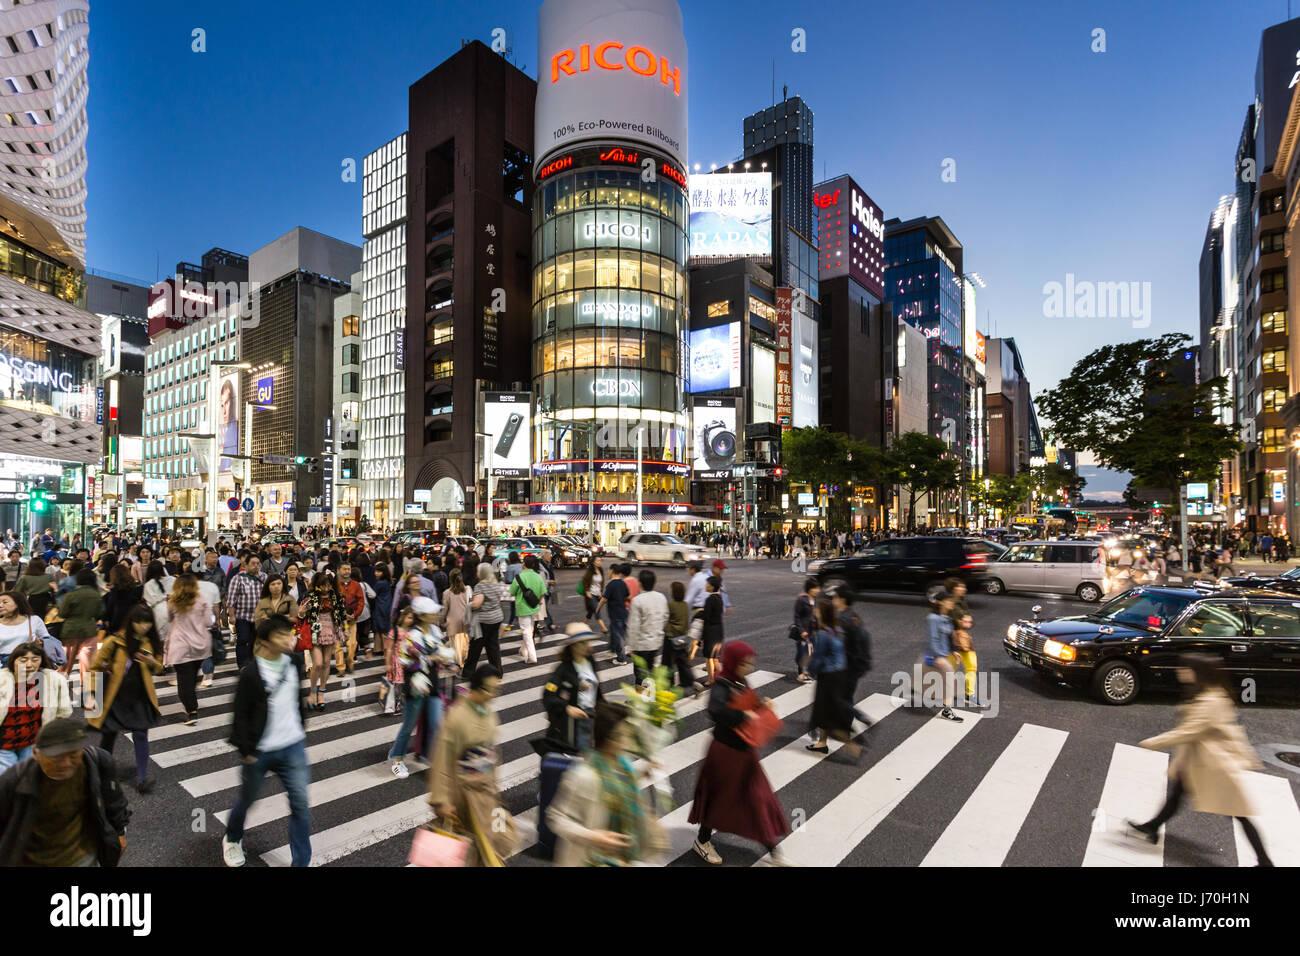 Tokio - Mayo 4, 2017: cruzar la calle peatonal en el famoso distrito de tiendas de lujo en el corazón de Ginza Imagen De Stock